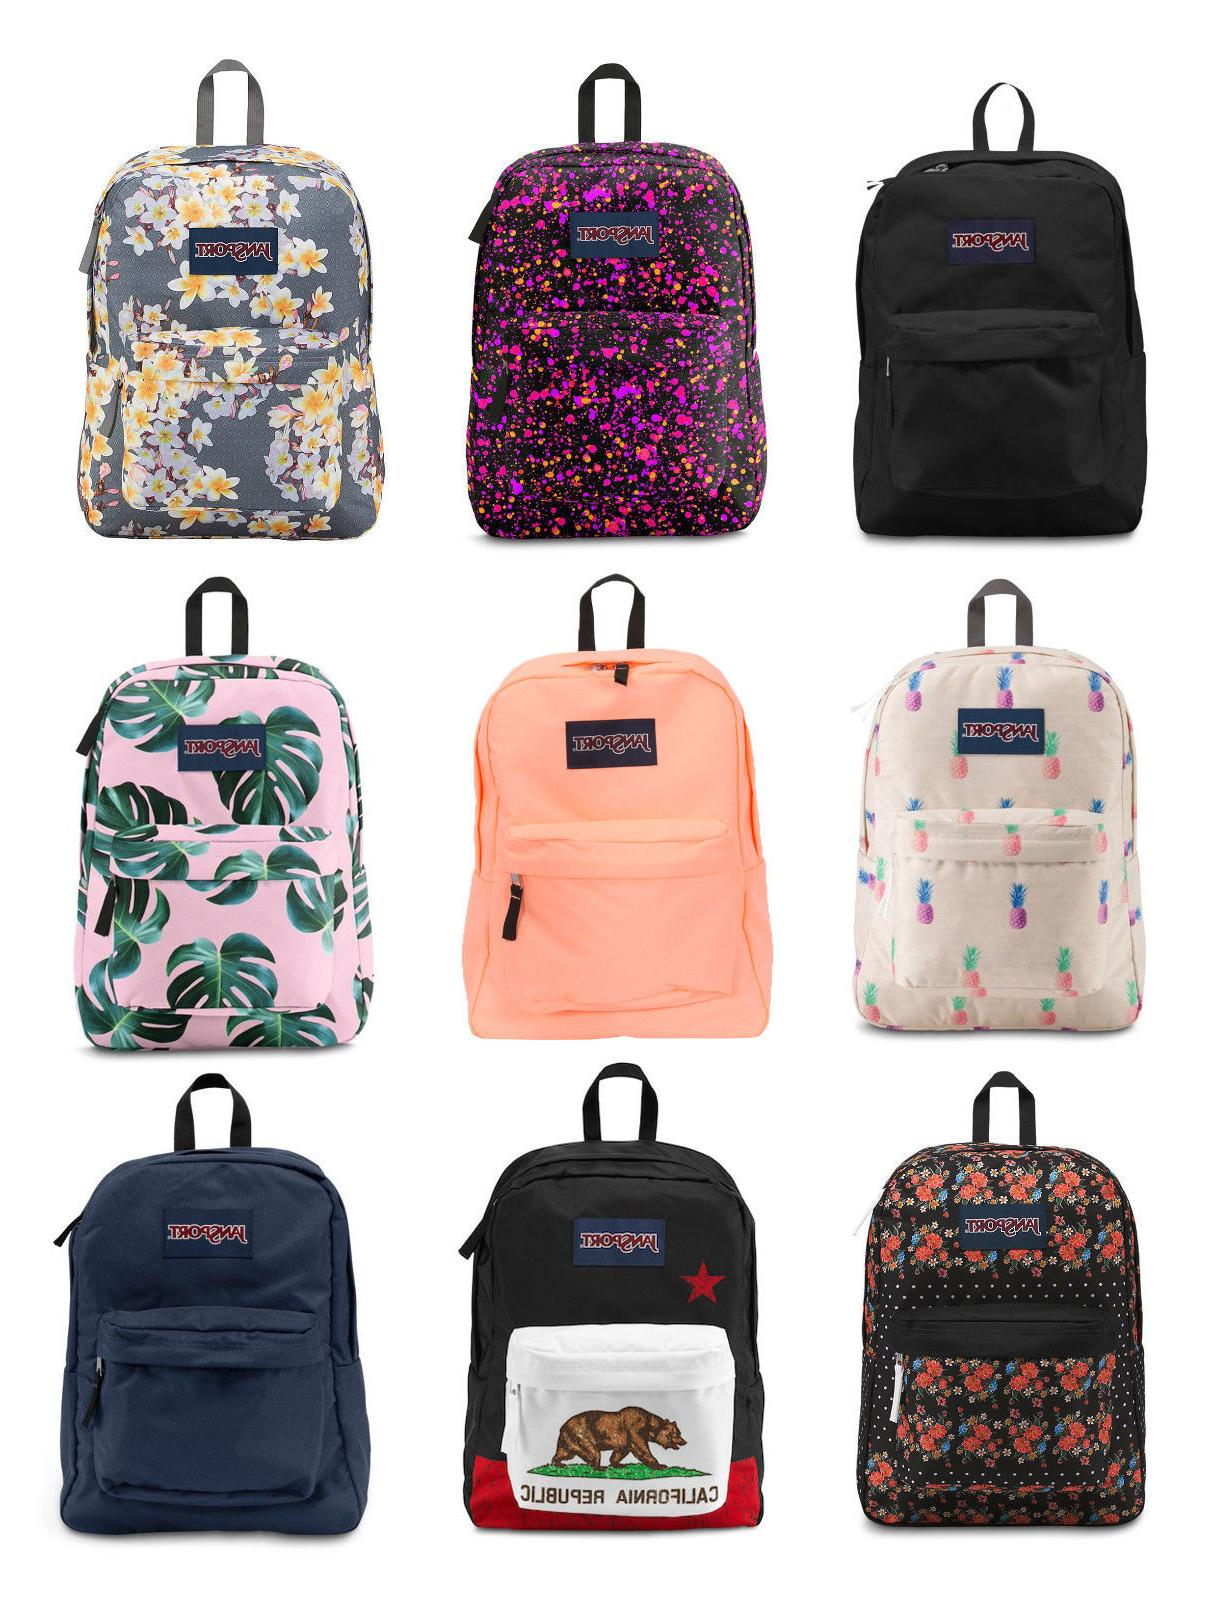 new superbreak backpack